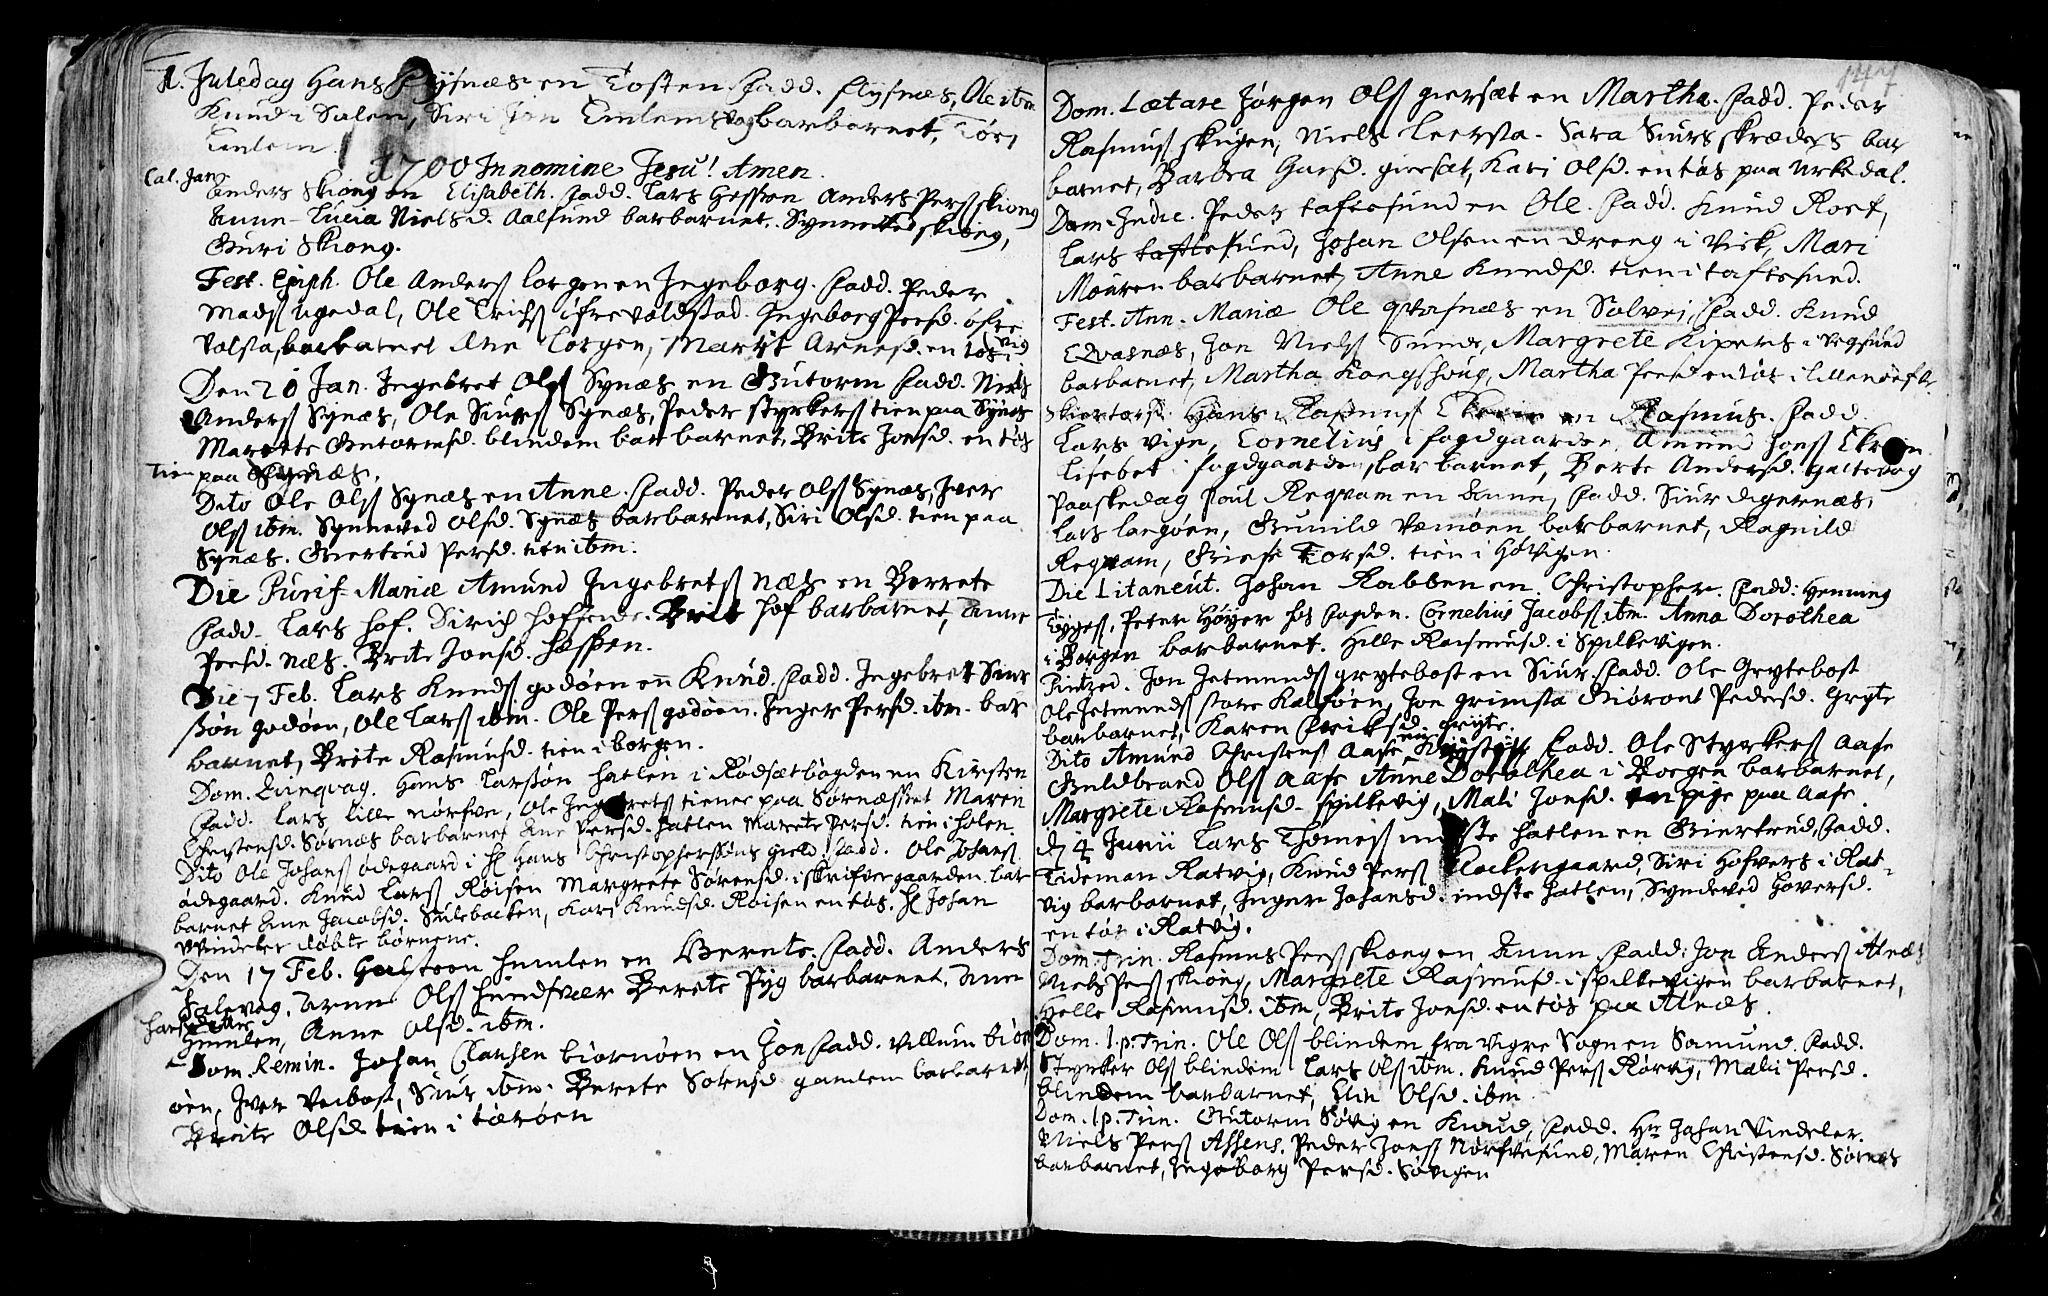 SAT, Ministerialprotokoller, klokkerbøker og fødselsregistre - Møre og Romsdal, 528/L0390: Parish register (official) no. 528A01, 1698-1739, p. 146-147